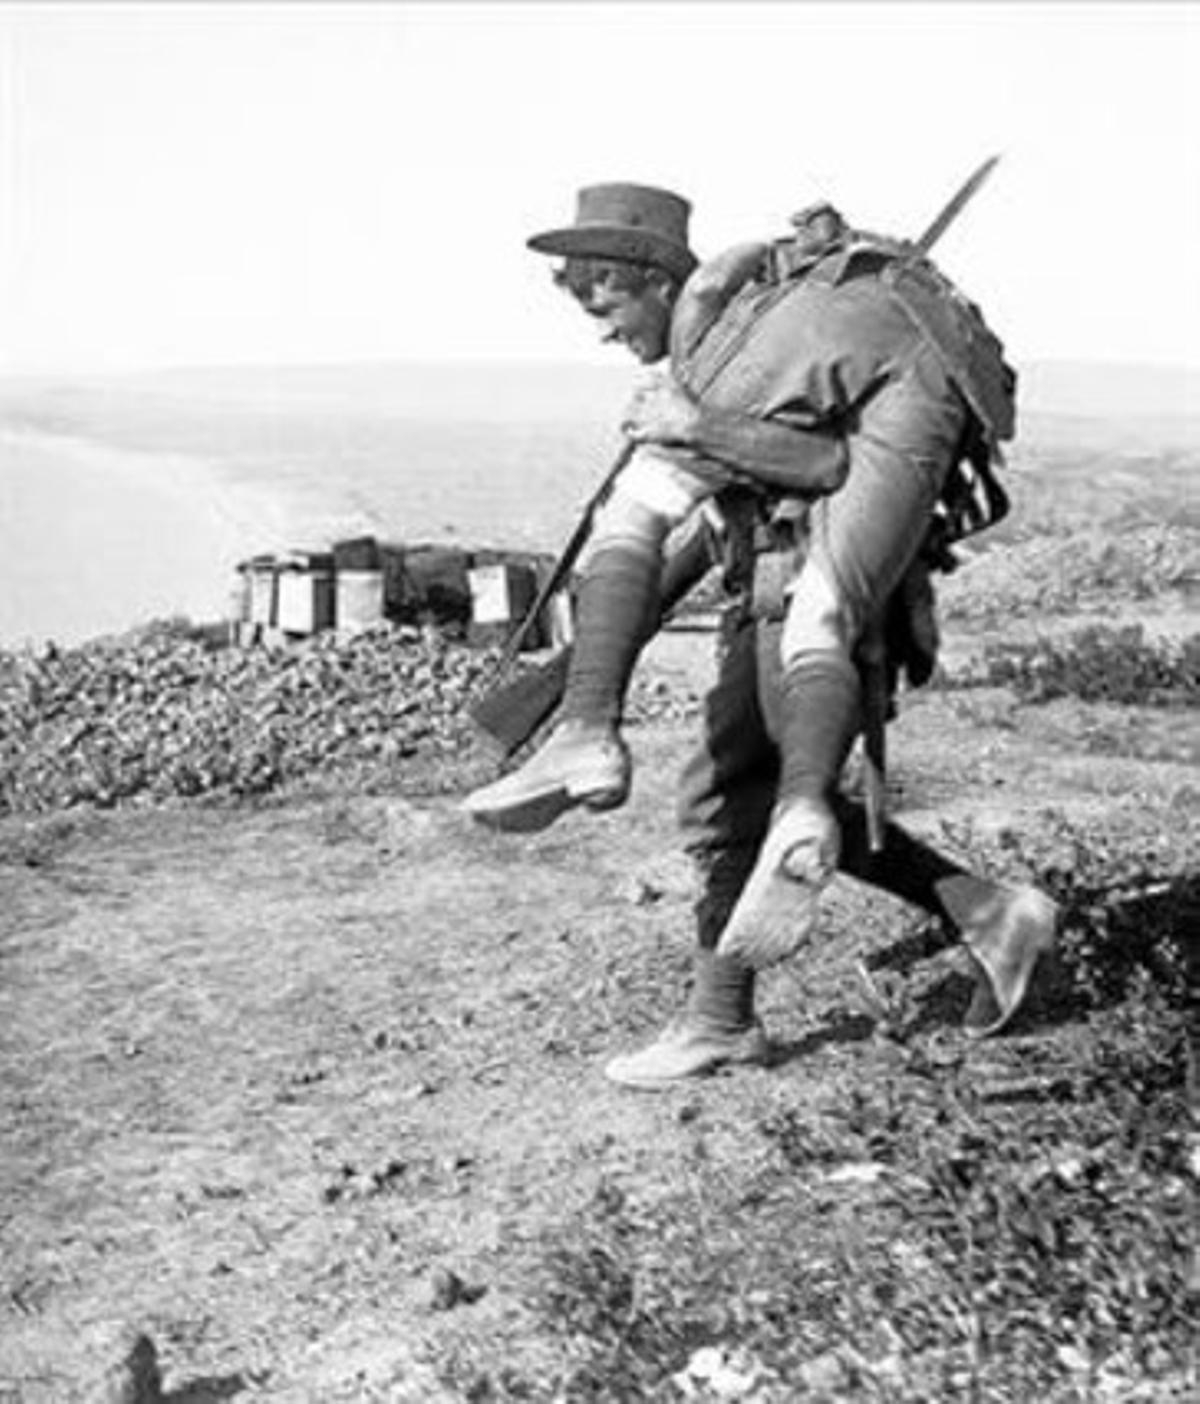 Un soldado australiano con un herido, en la batalla de Anzac Cove, en Gallípoli.